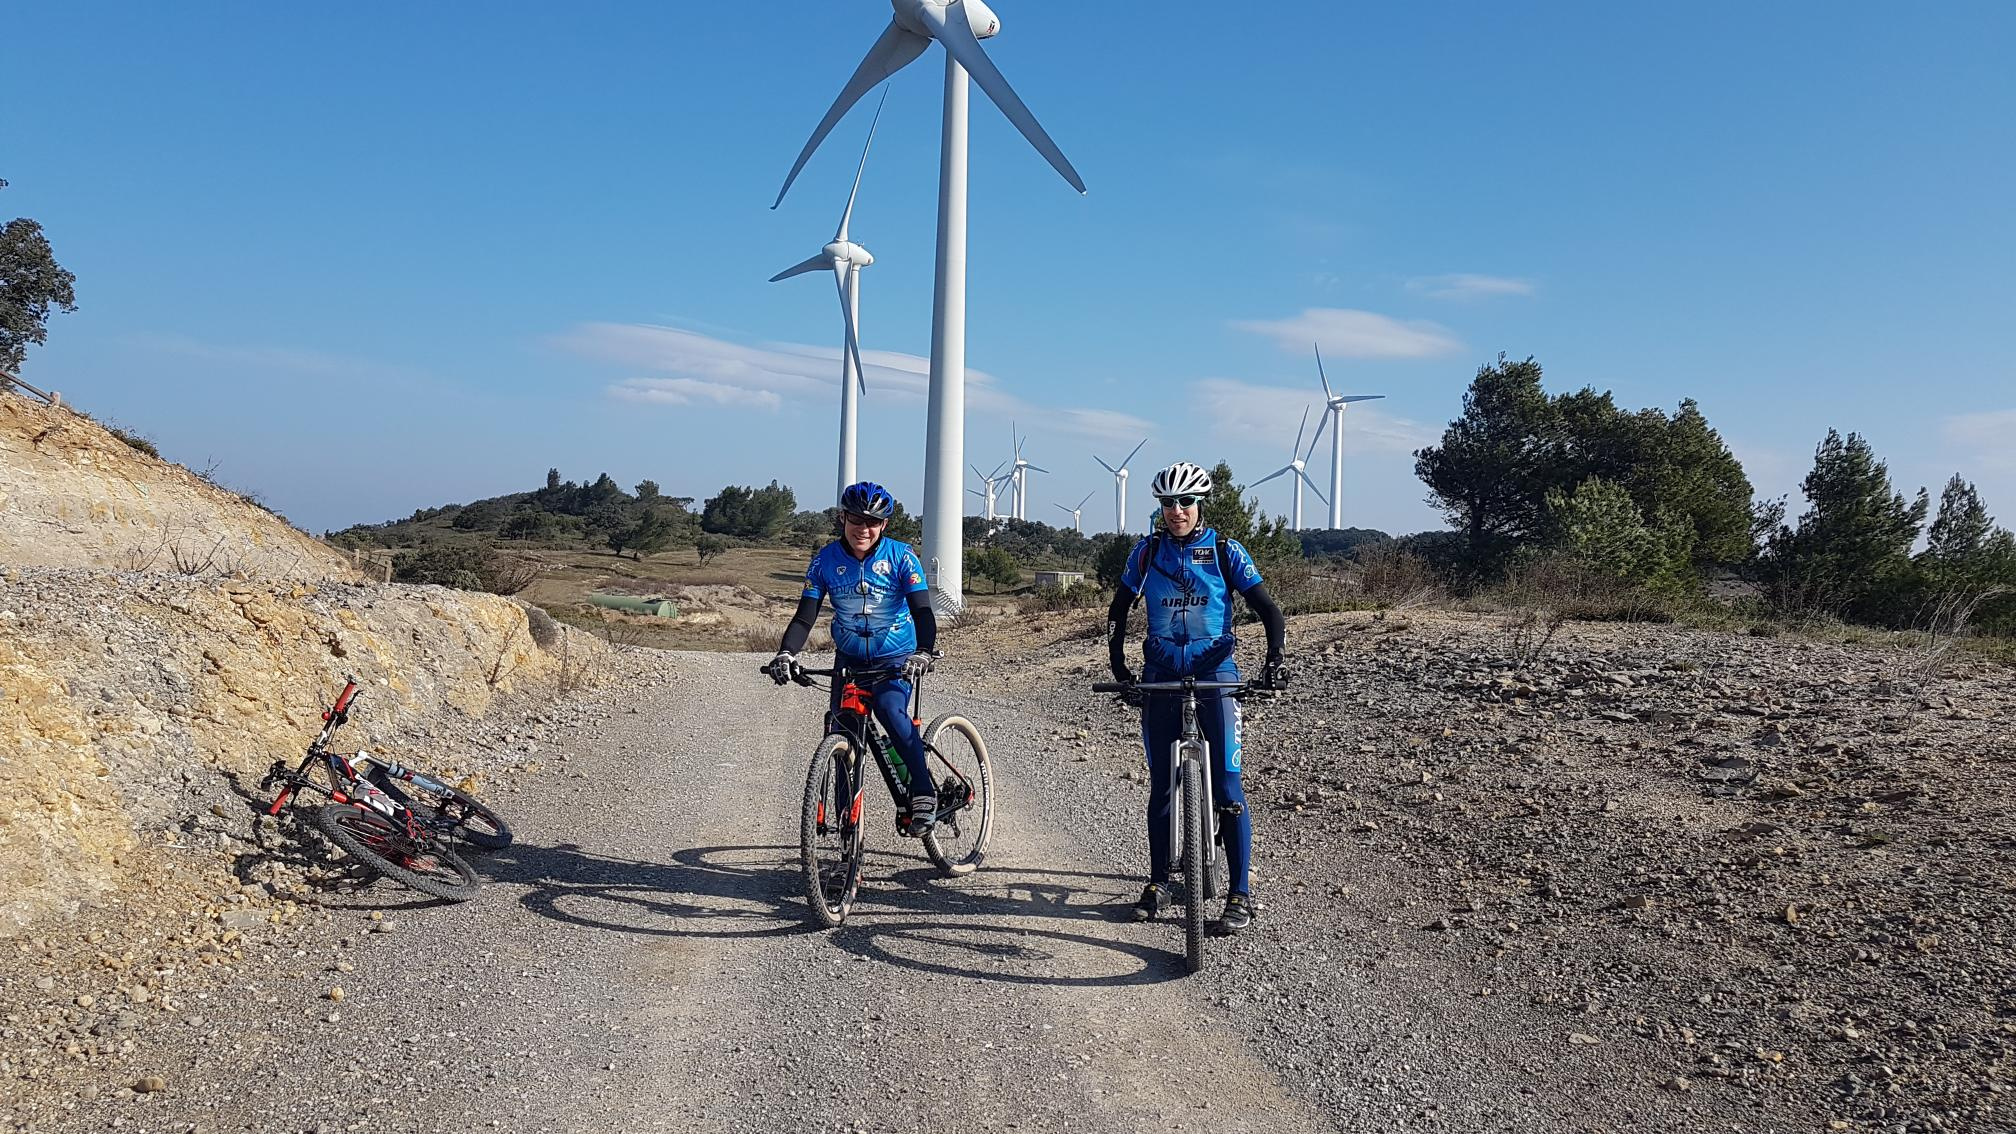 Philippe et Christophe au pied des éoliennes, impressionnantes lorsqu'elles sont en fonctionnement!